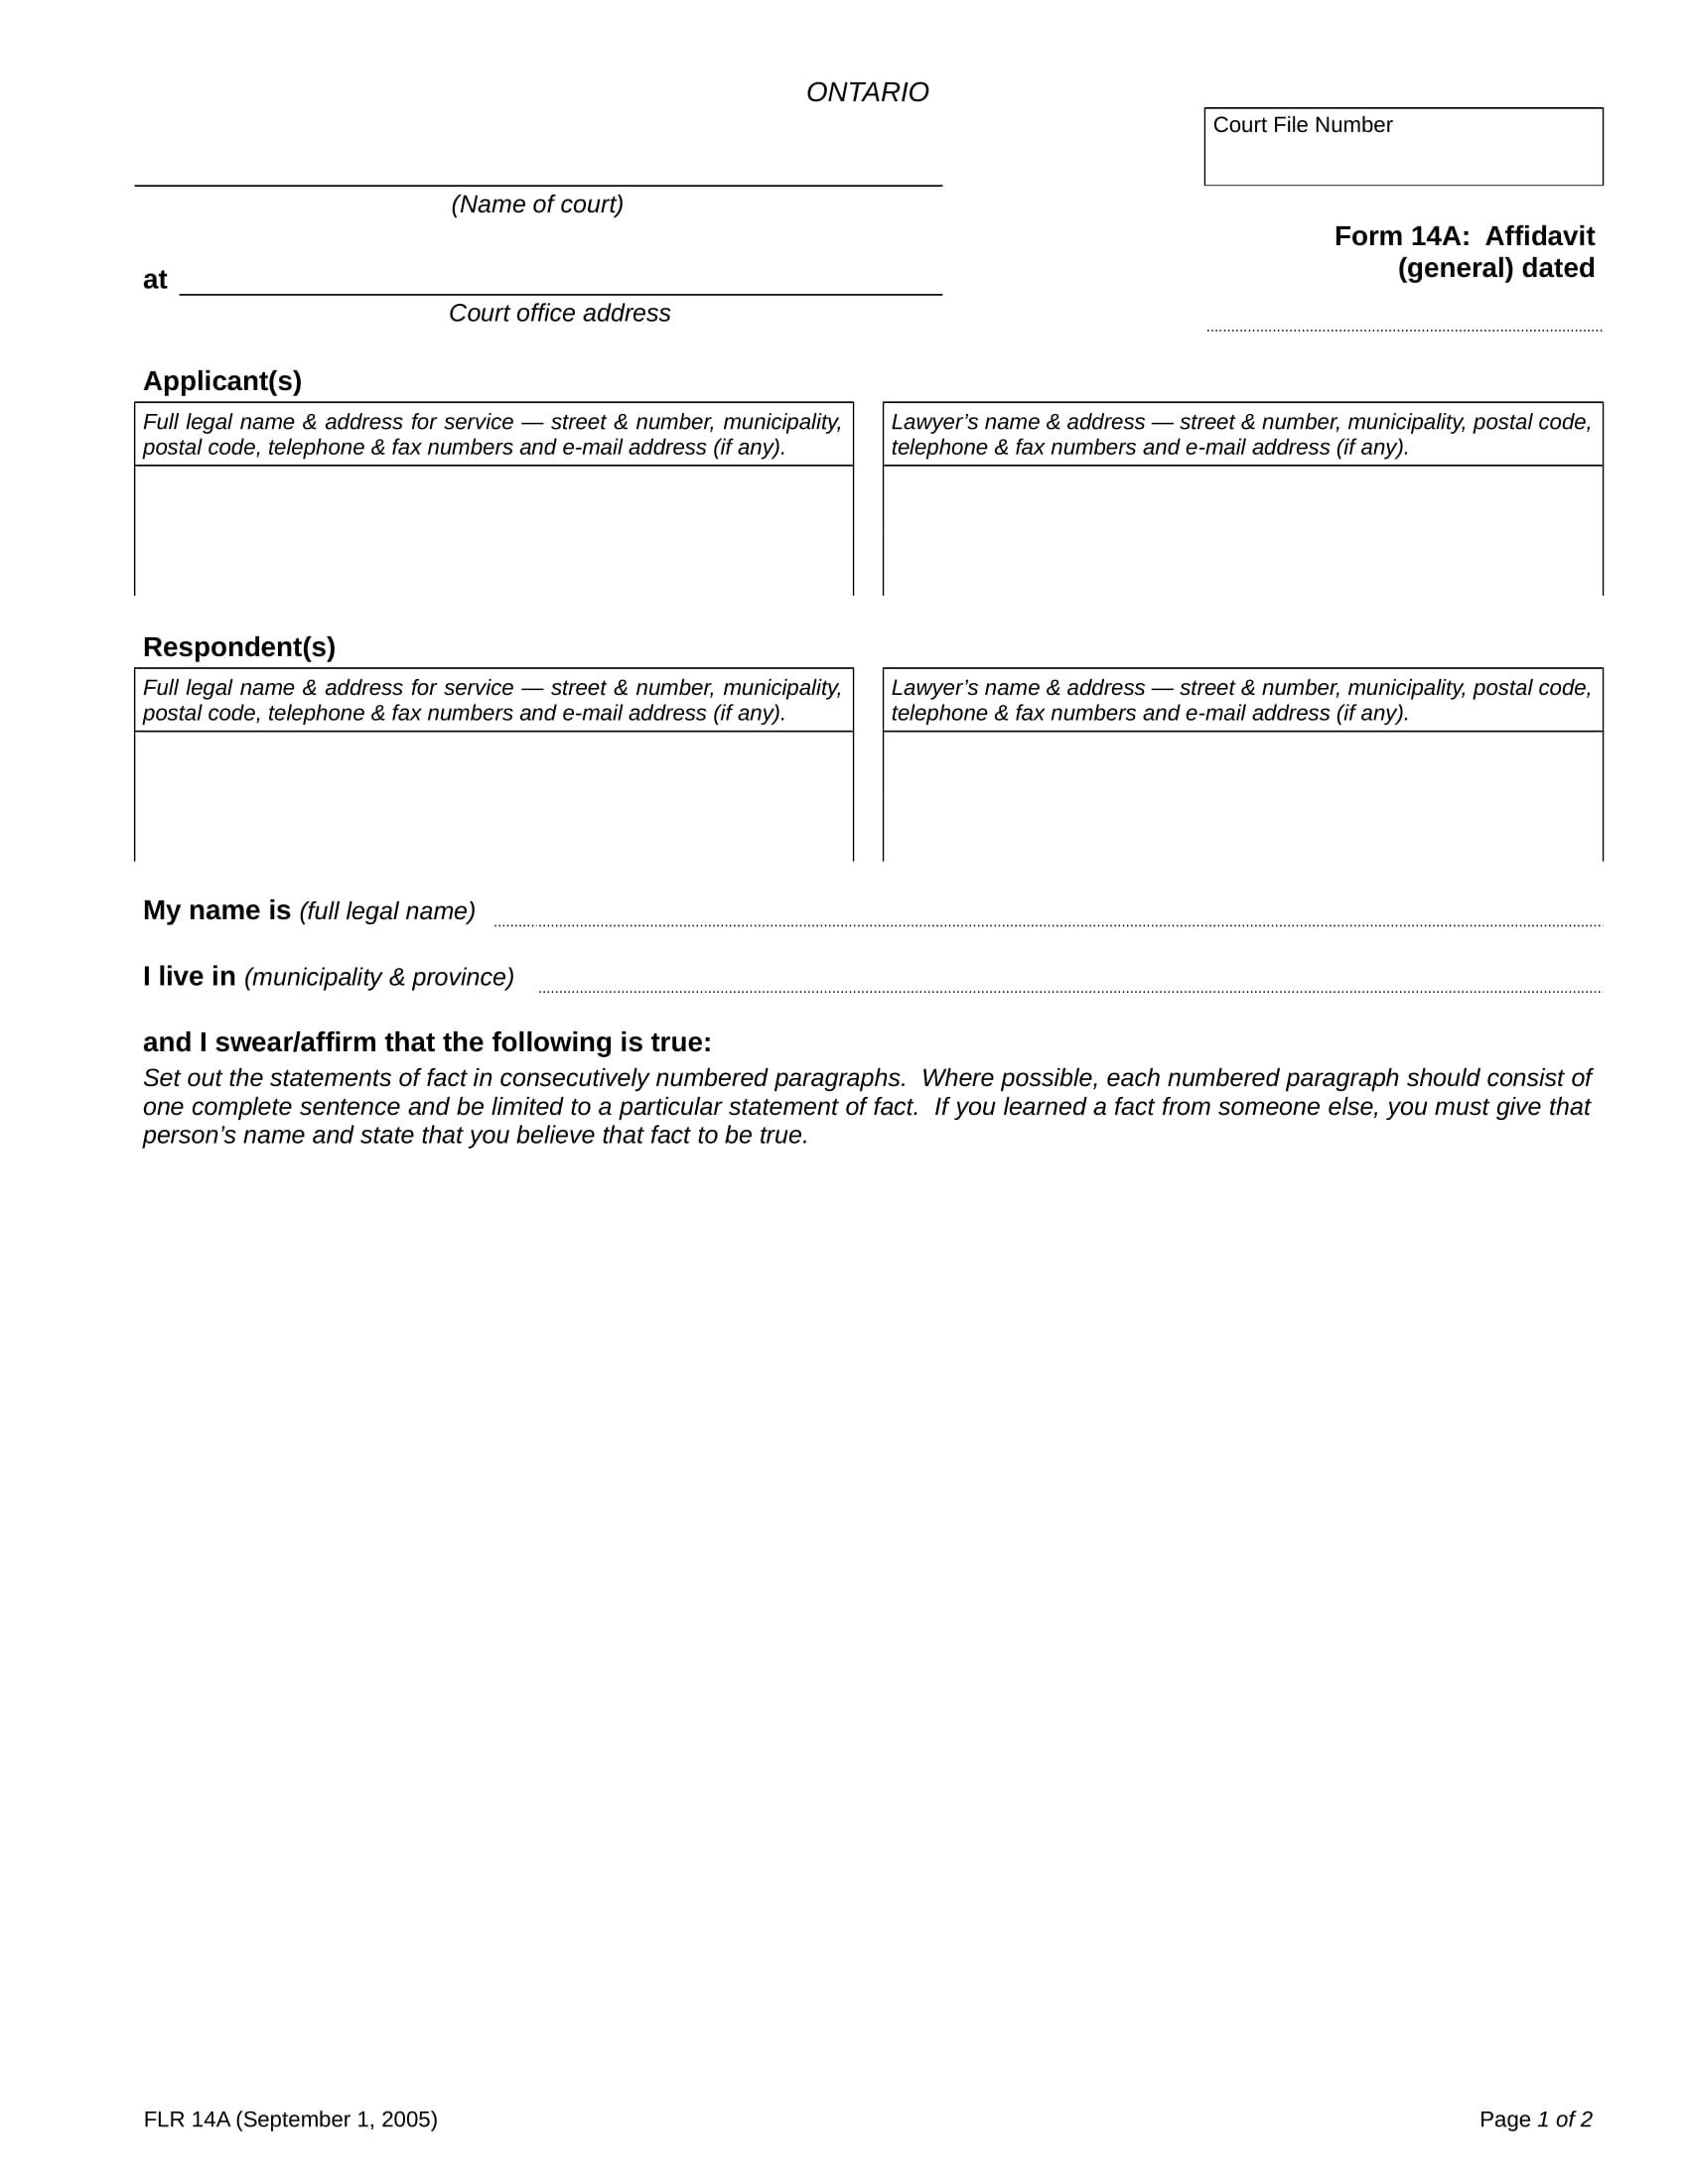 affidavit form general